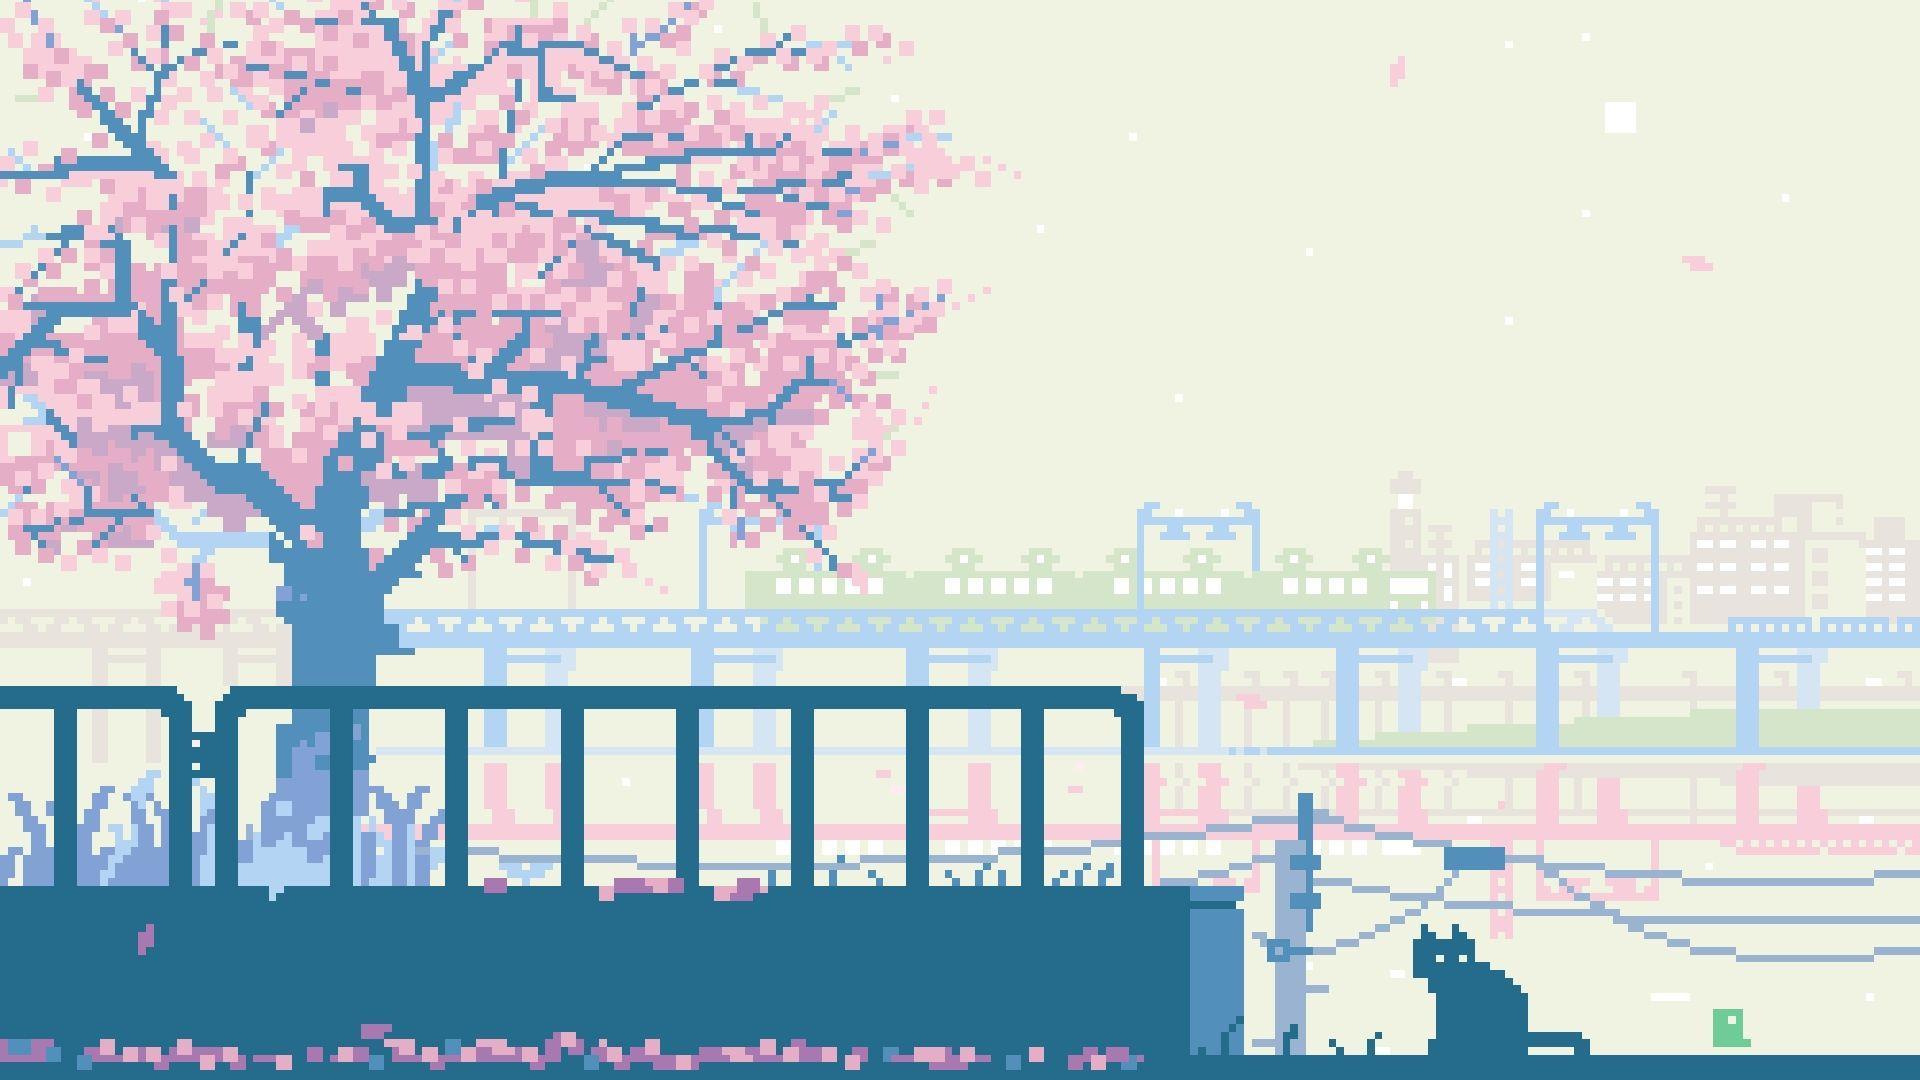 Anime aesthetic gif kawaii pastel pink calming love pink wallpaper. Pastel Anime Desktop Wallpapers Top Free Pastel Anime Desktop Backgrounds Wallpaperaccess